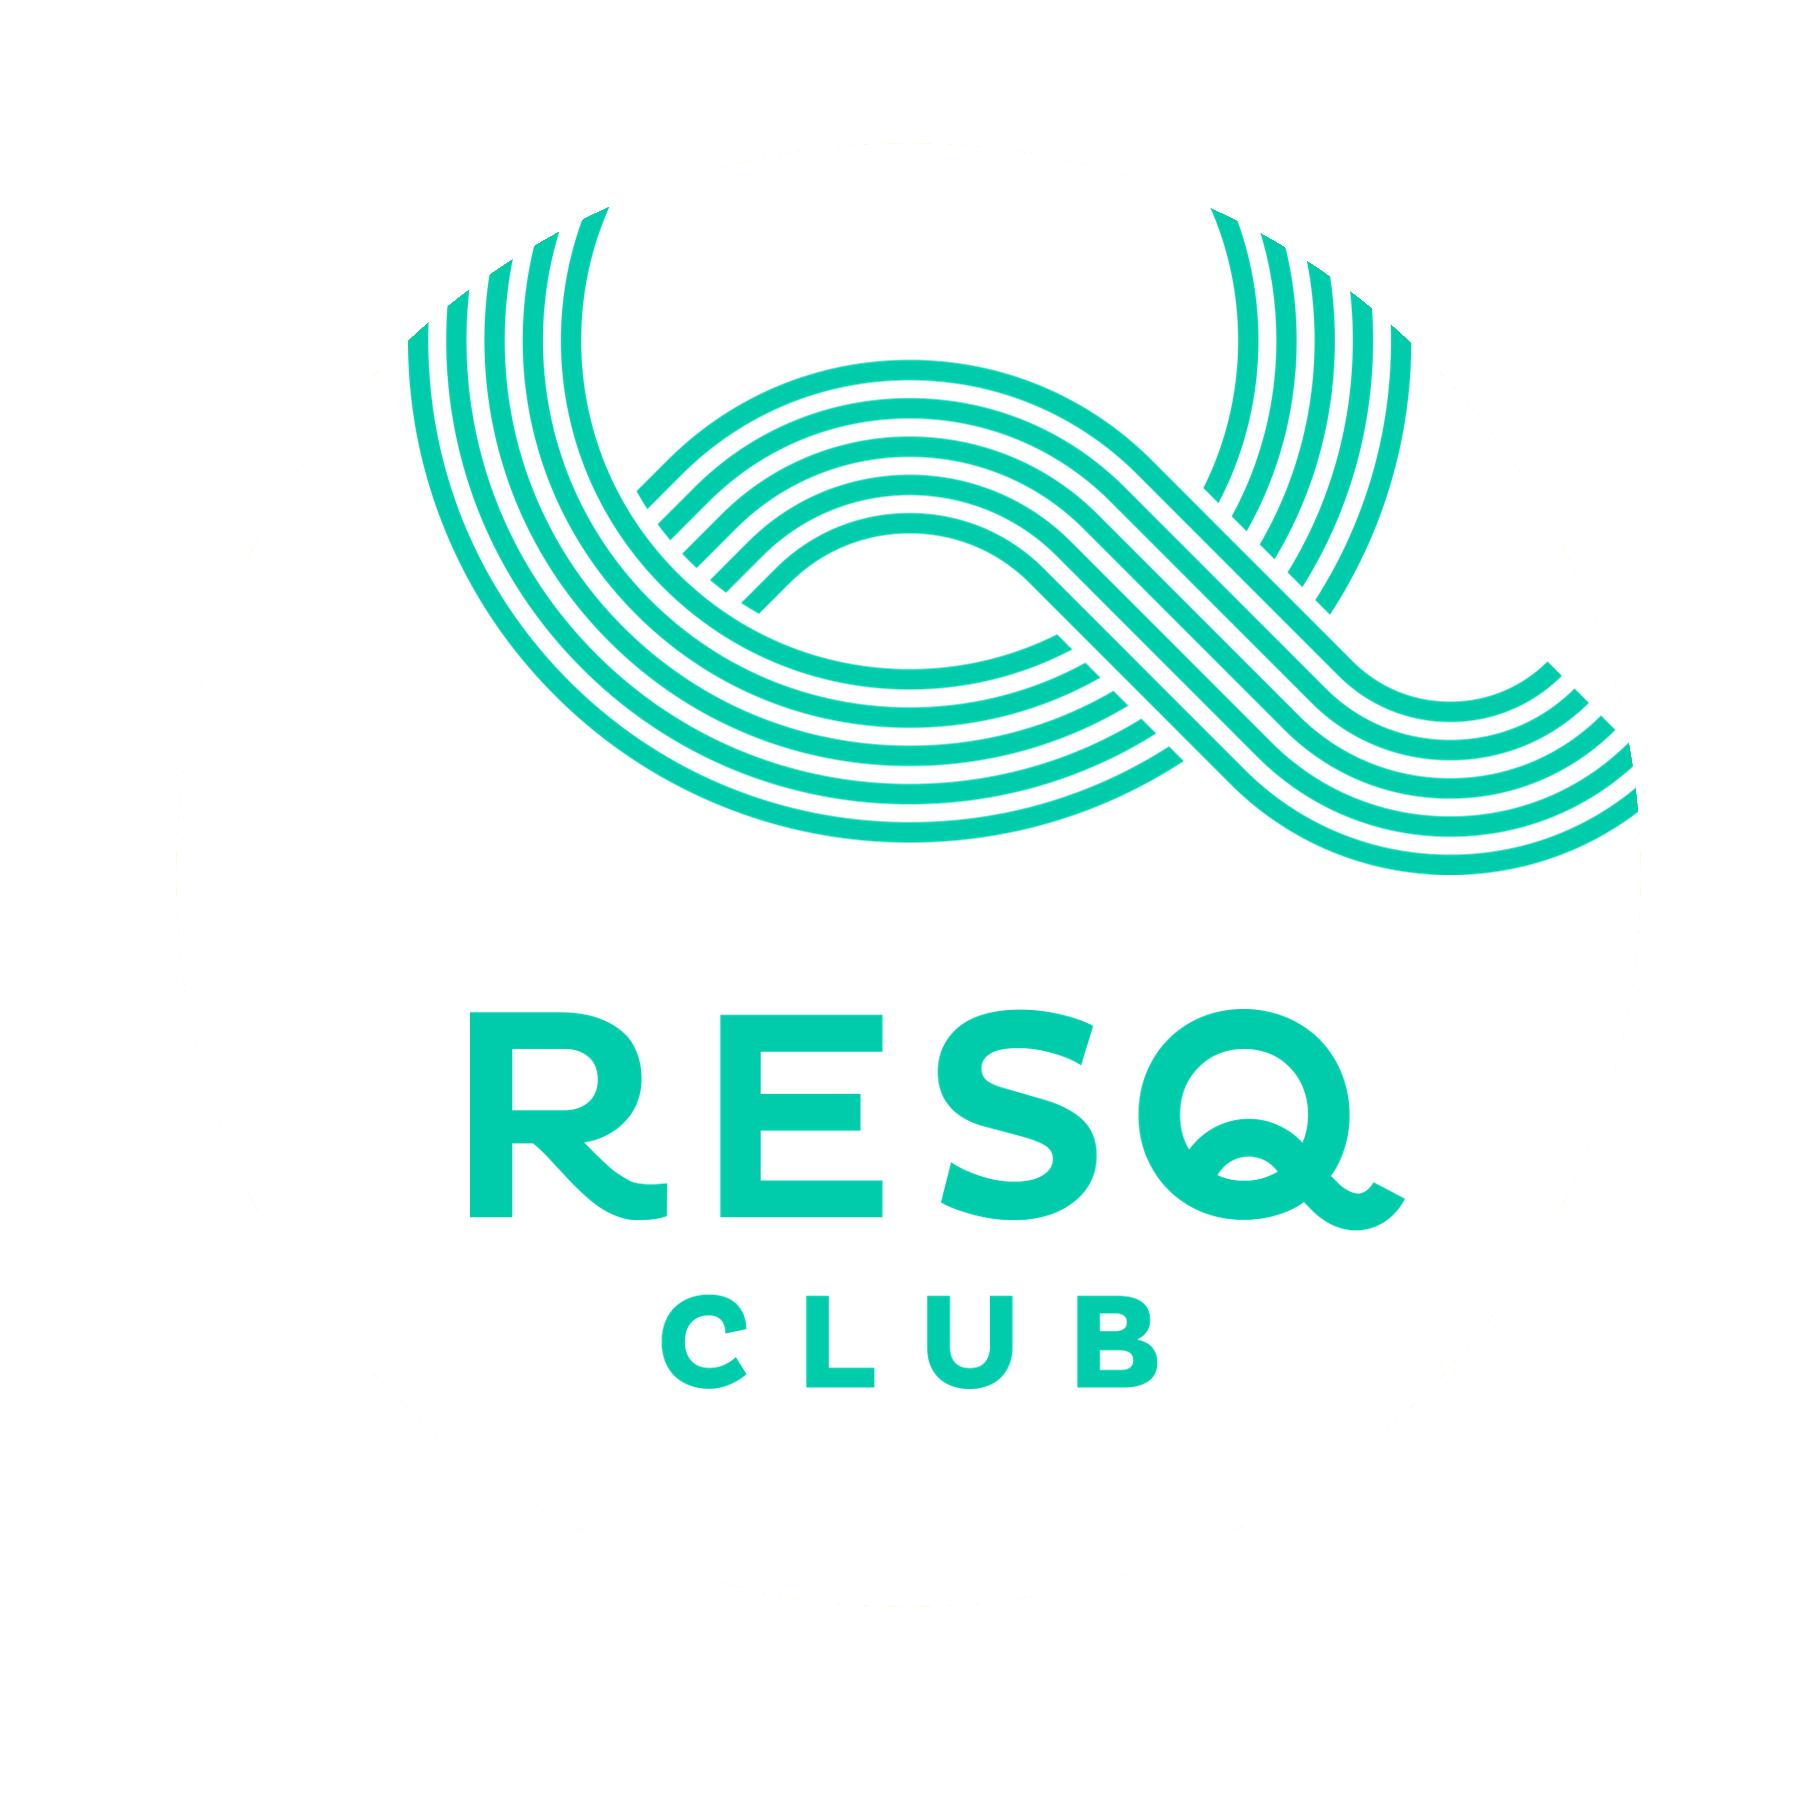 resq_logo_circle.png